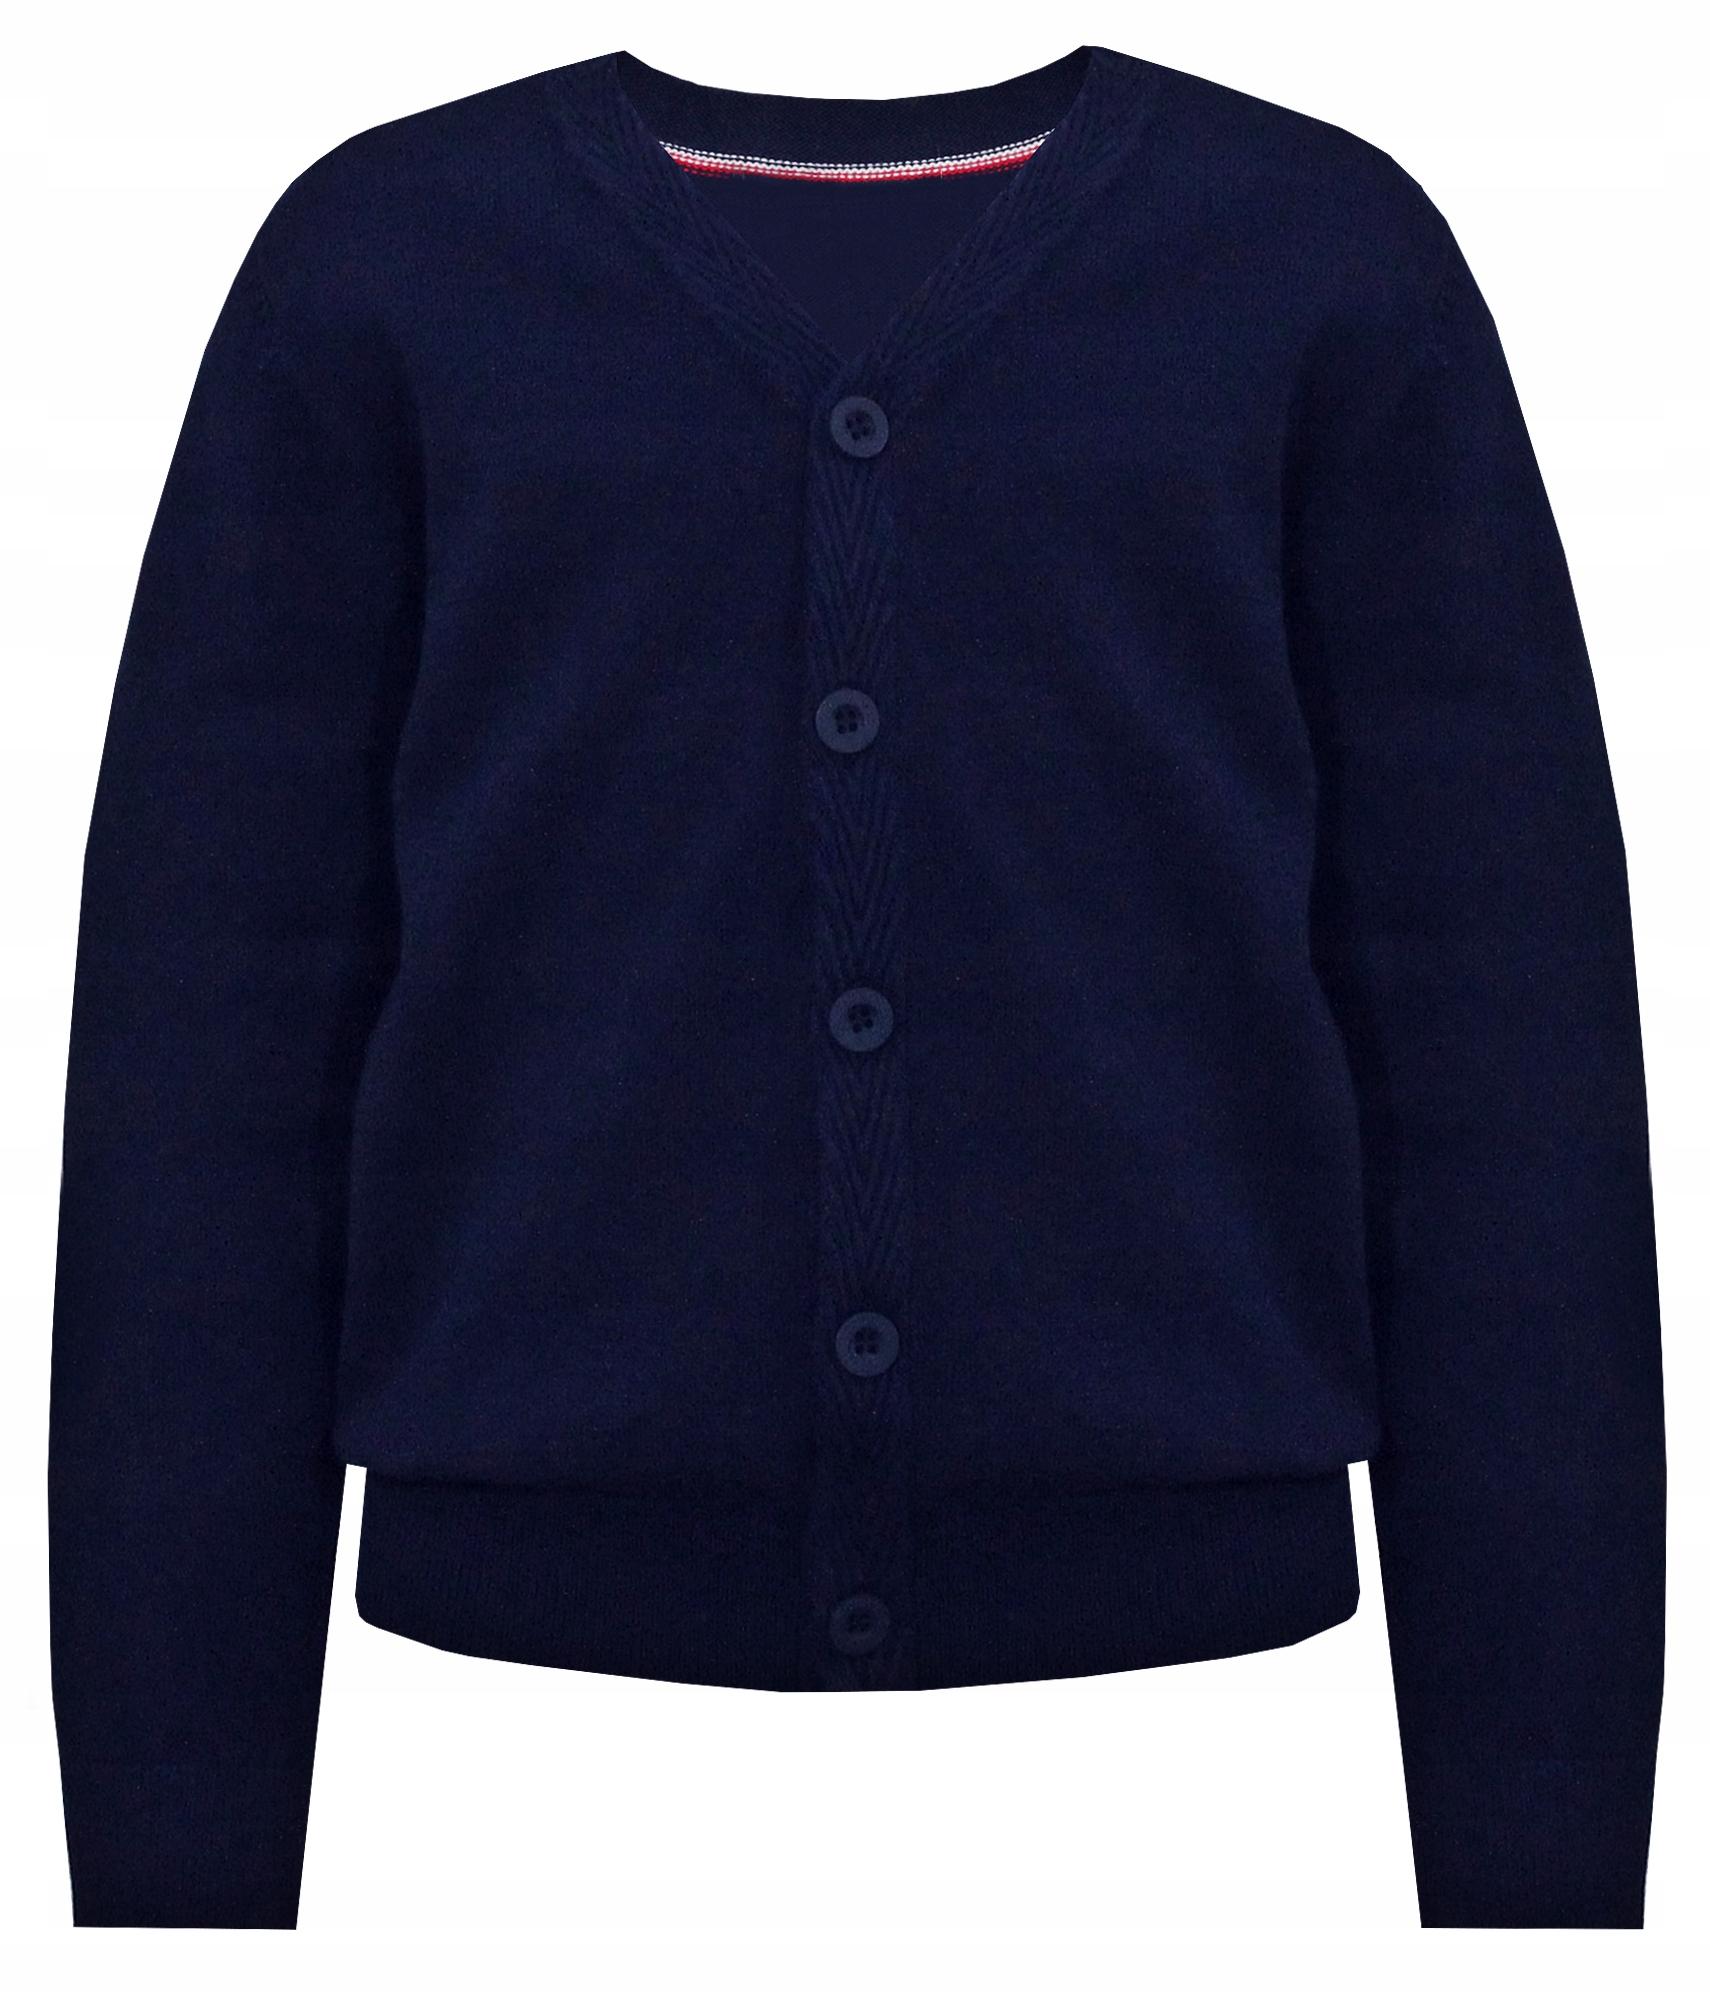 1871 KLASICKÝ sveter sveter CHLAPCI SVETER s 116